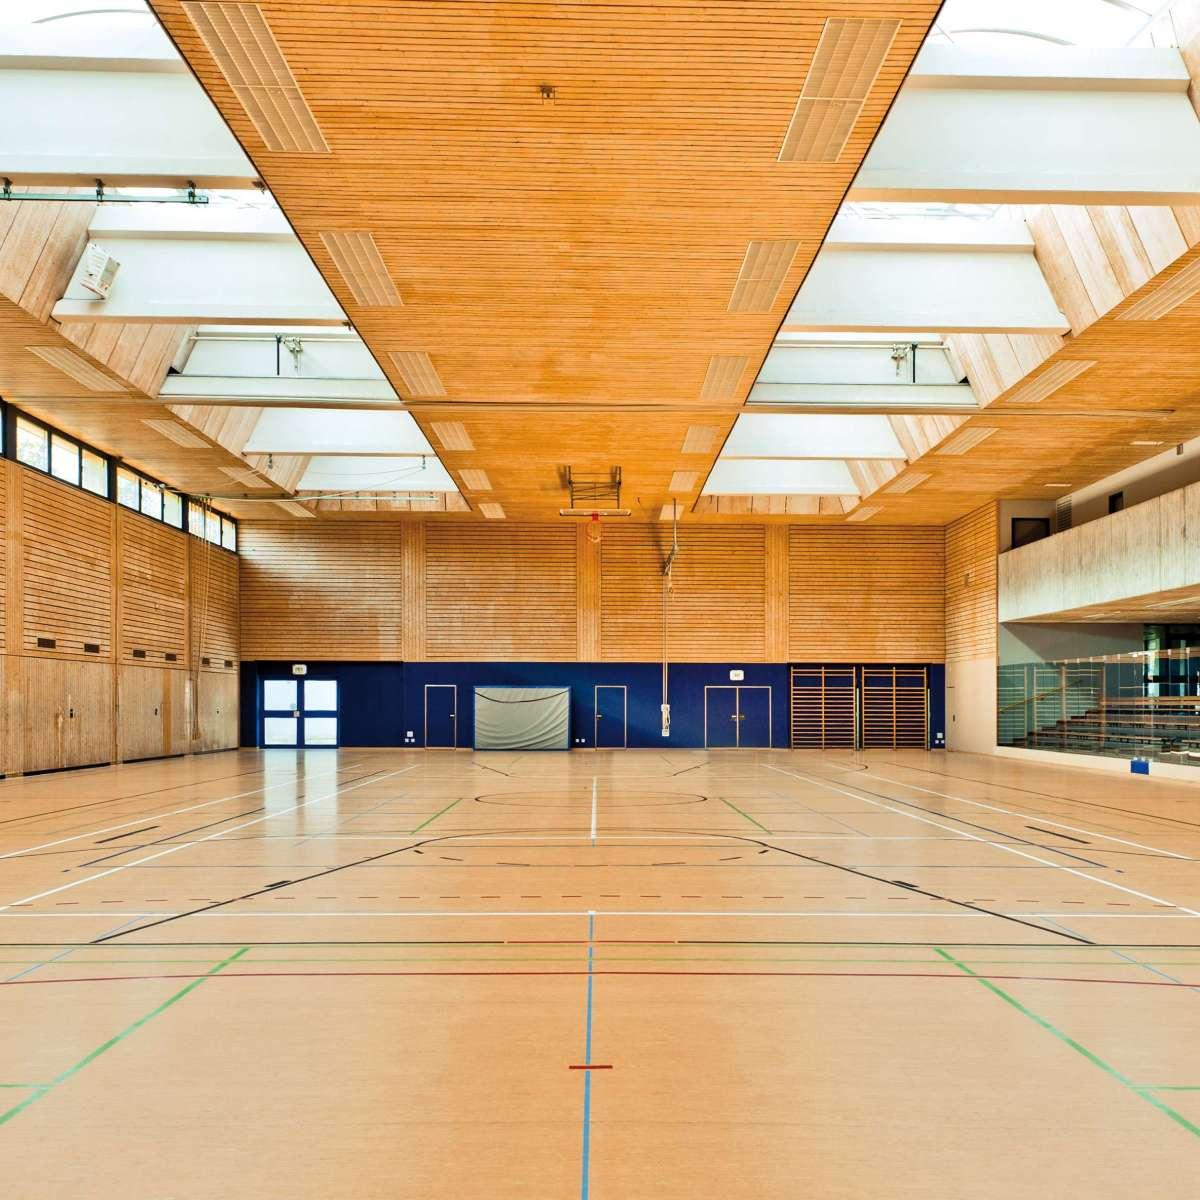 Ablachhalle/Sporthalle | Mengen • Standard-Baubreiten von 1,50 bis 6,00 Meter in jeder beliebigen Länge sorgen für flexible Einsatzmöglichkeiten.